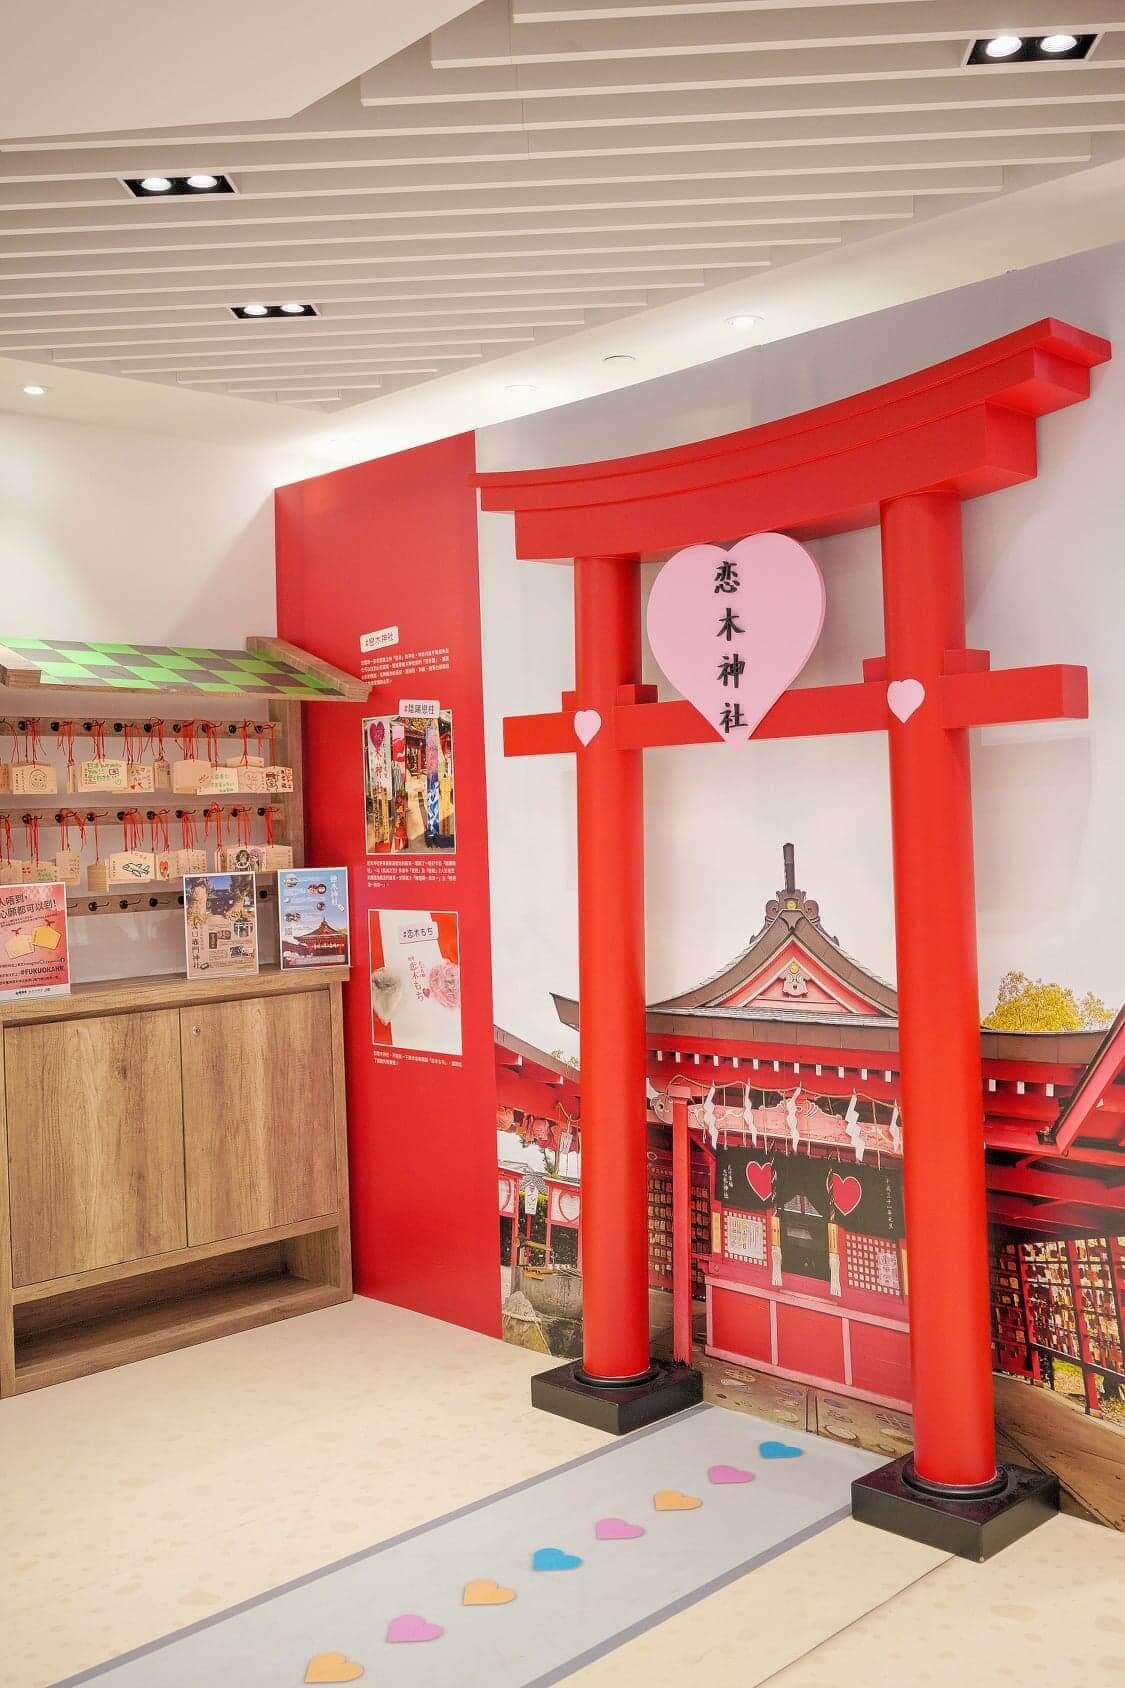 戀木神社係日本著名成就良緣嘅神社,亦係全日本唯一主祀「戀命」(即愛情之神)嘅神社。